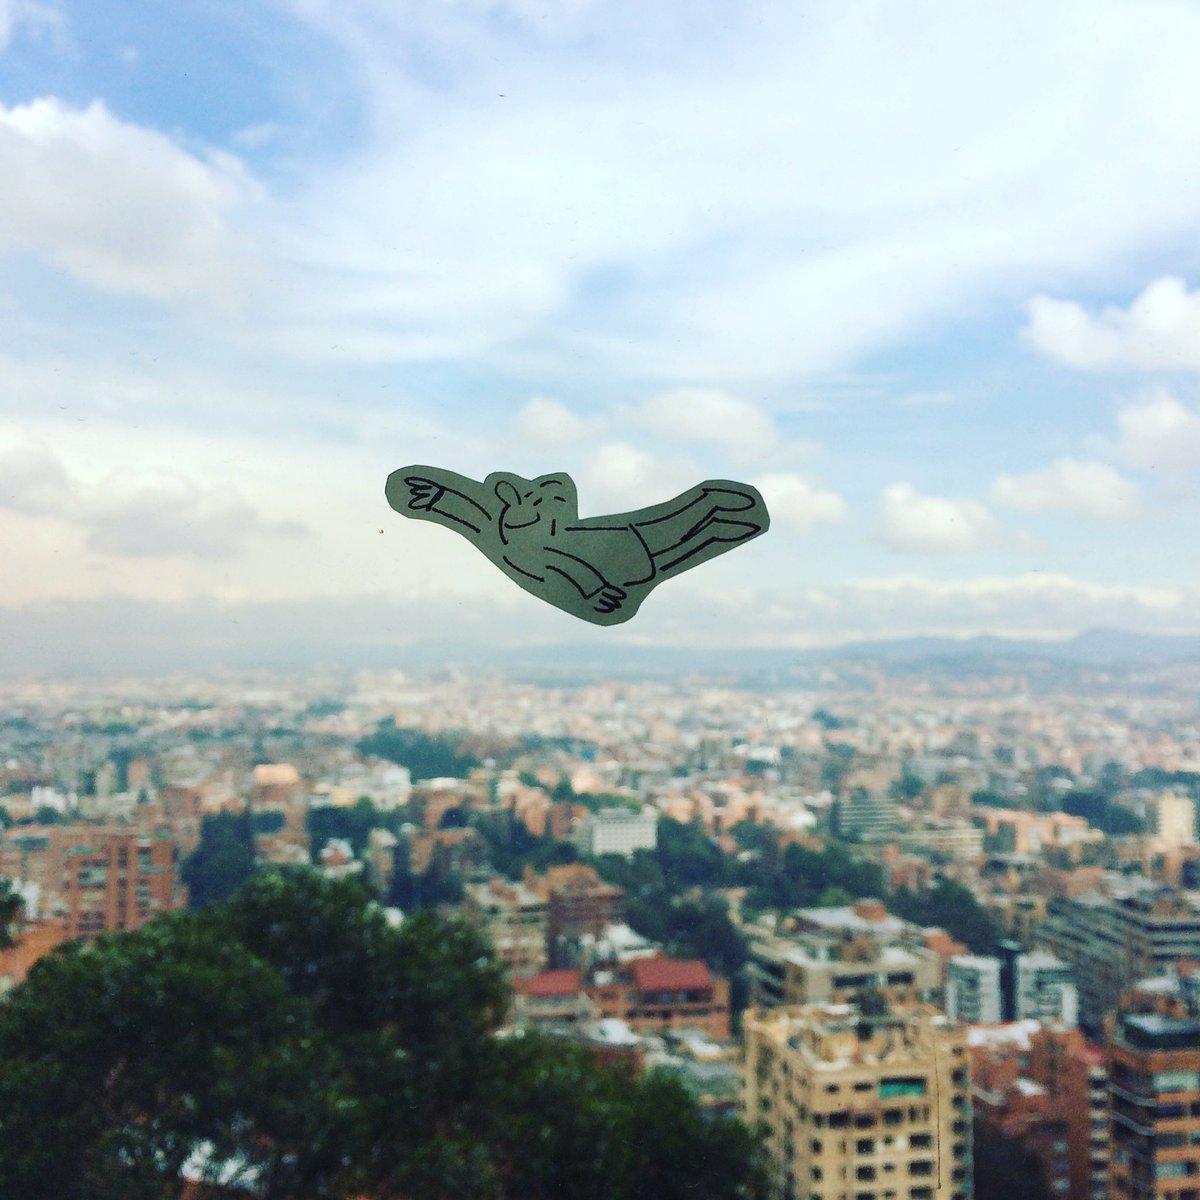 Fin du voyage.Décollage de Bogota #bogota #colombie #voyage #retour #avion #colombia #Vacances #AirFrance<br>http://pic.twitter.com/1IfszpVQS2